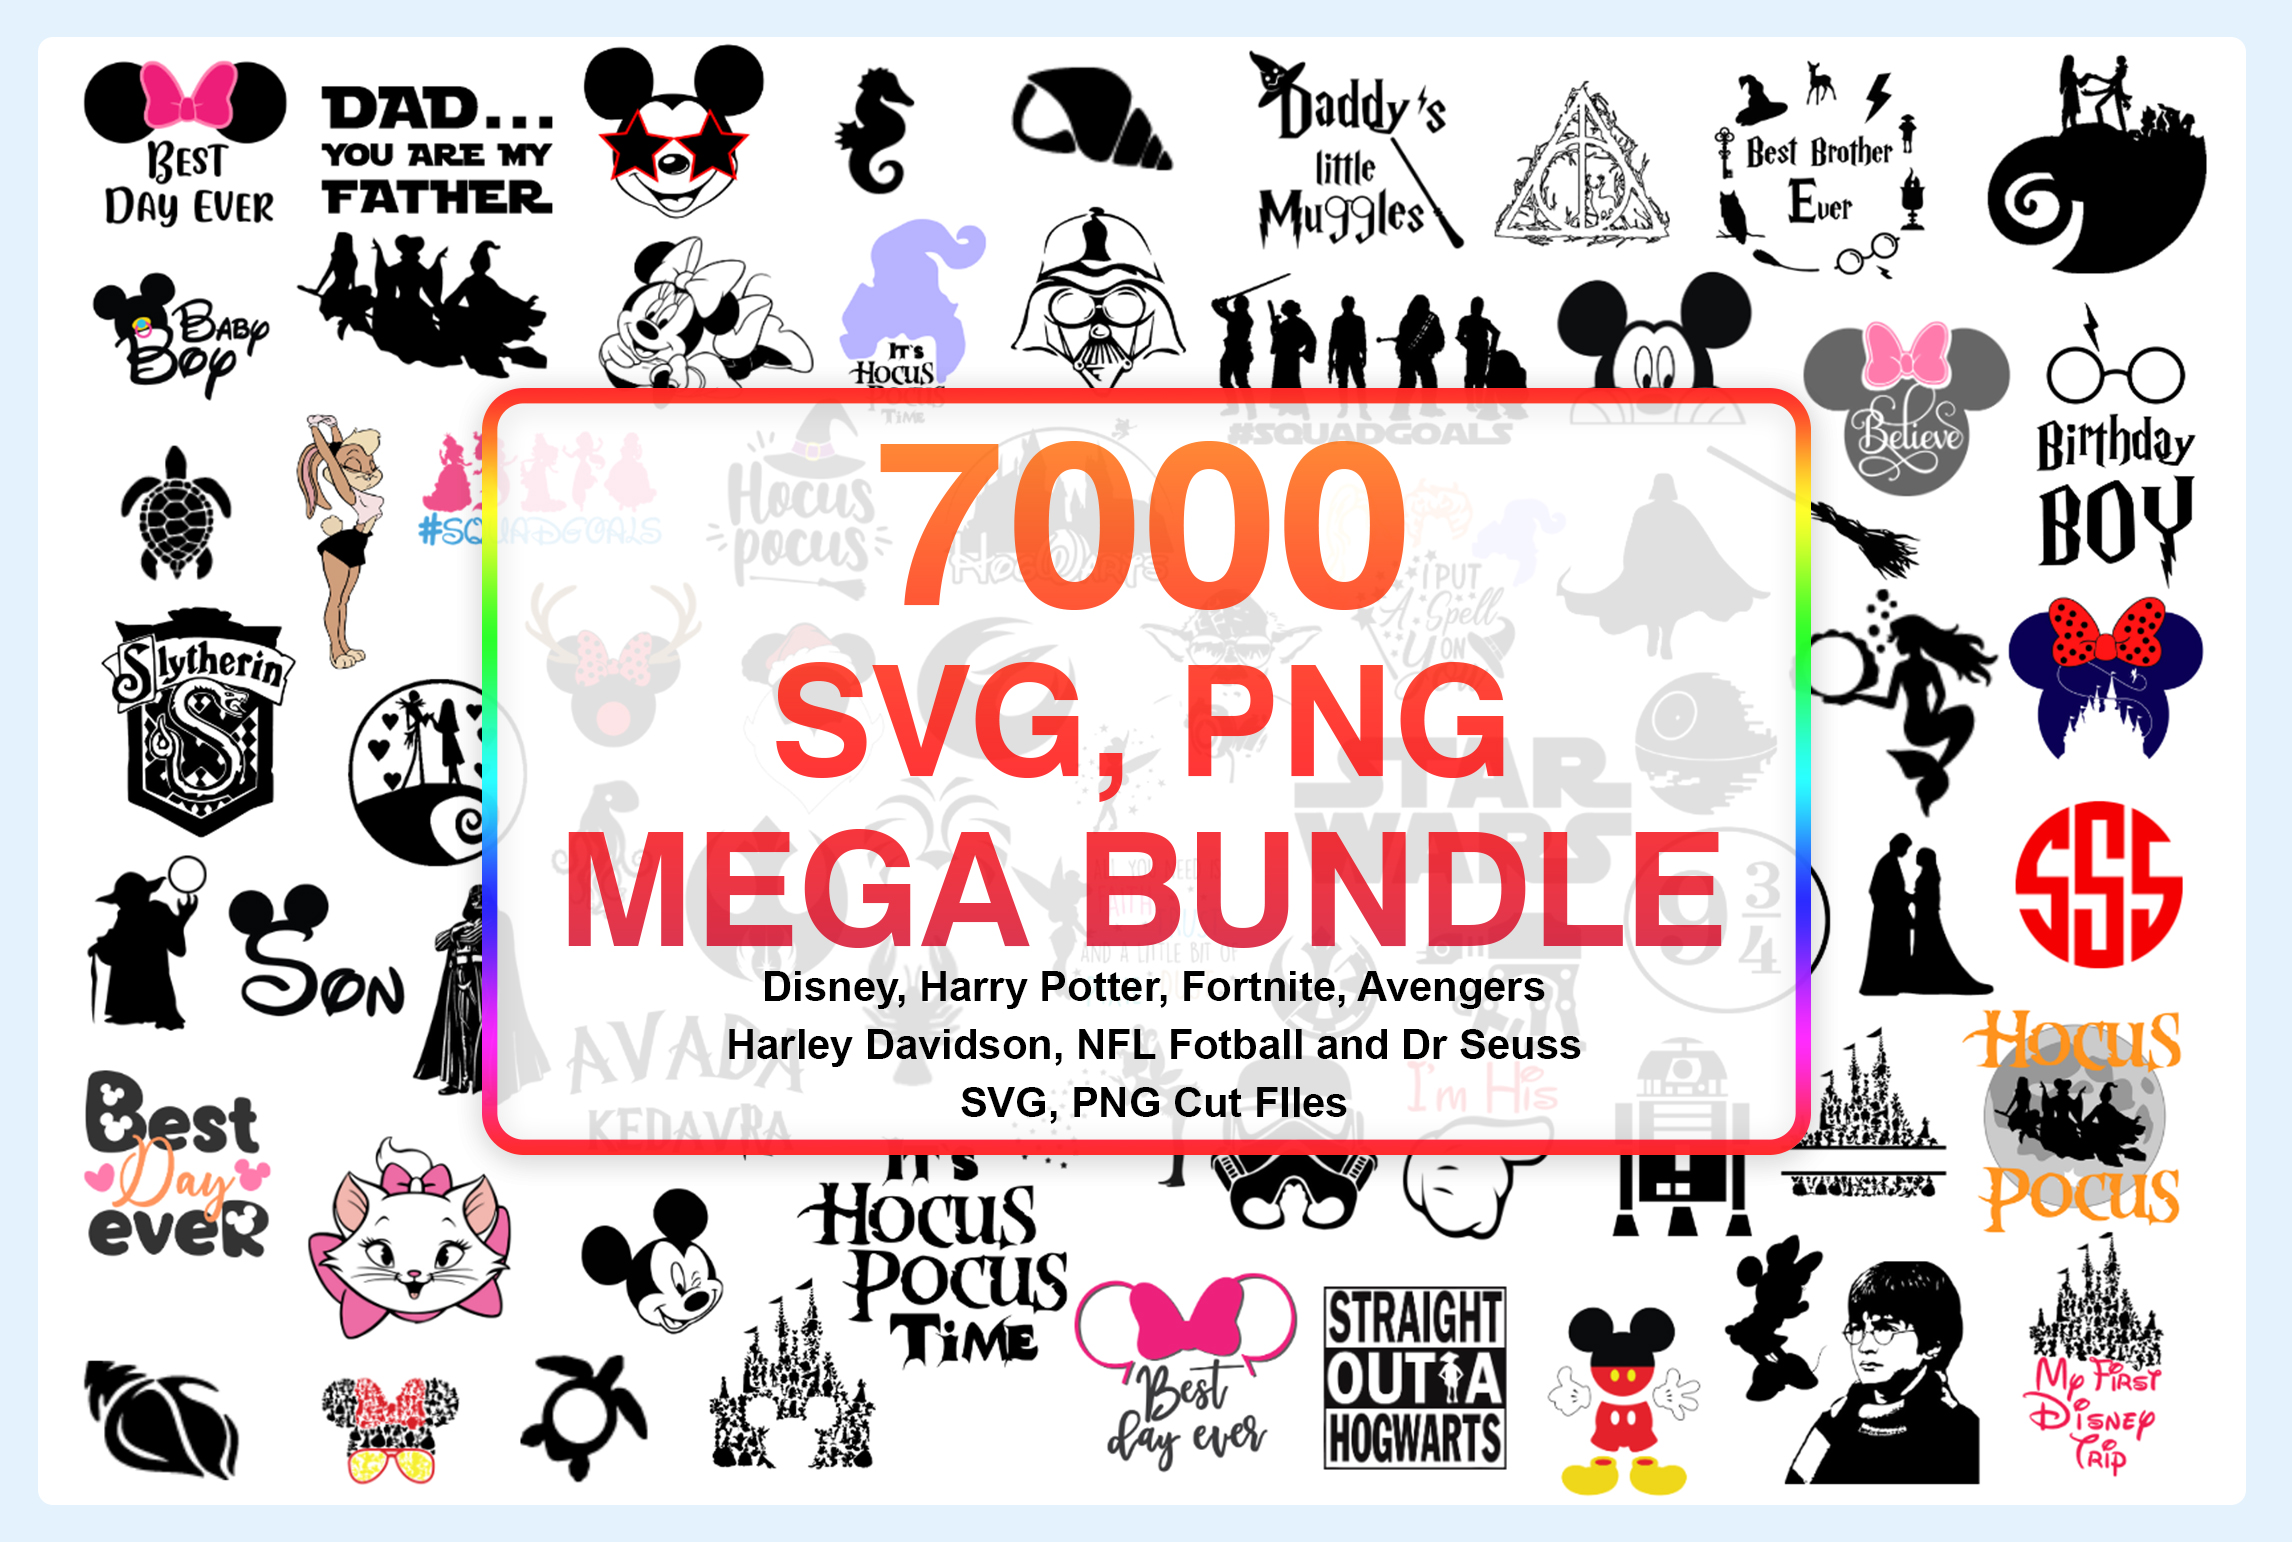 7000 SVG PNG Cutfile Mega Bundle